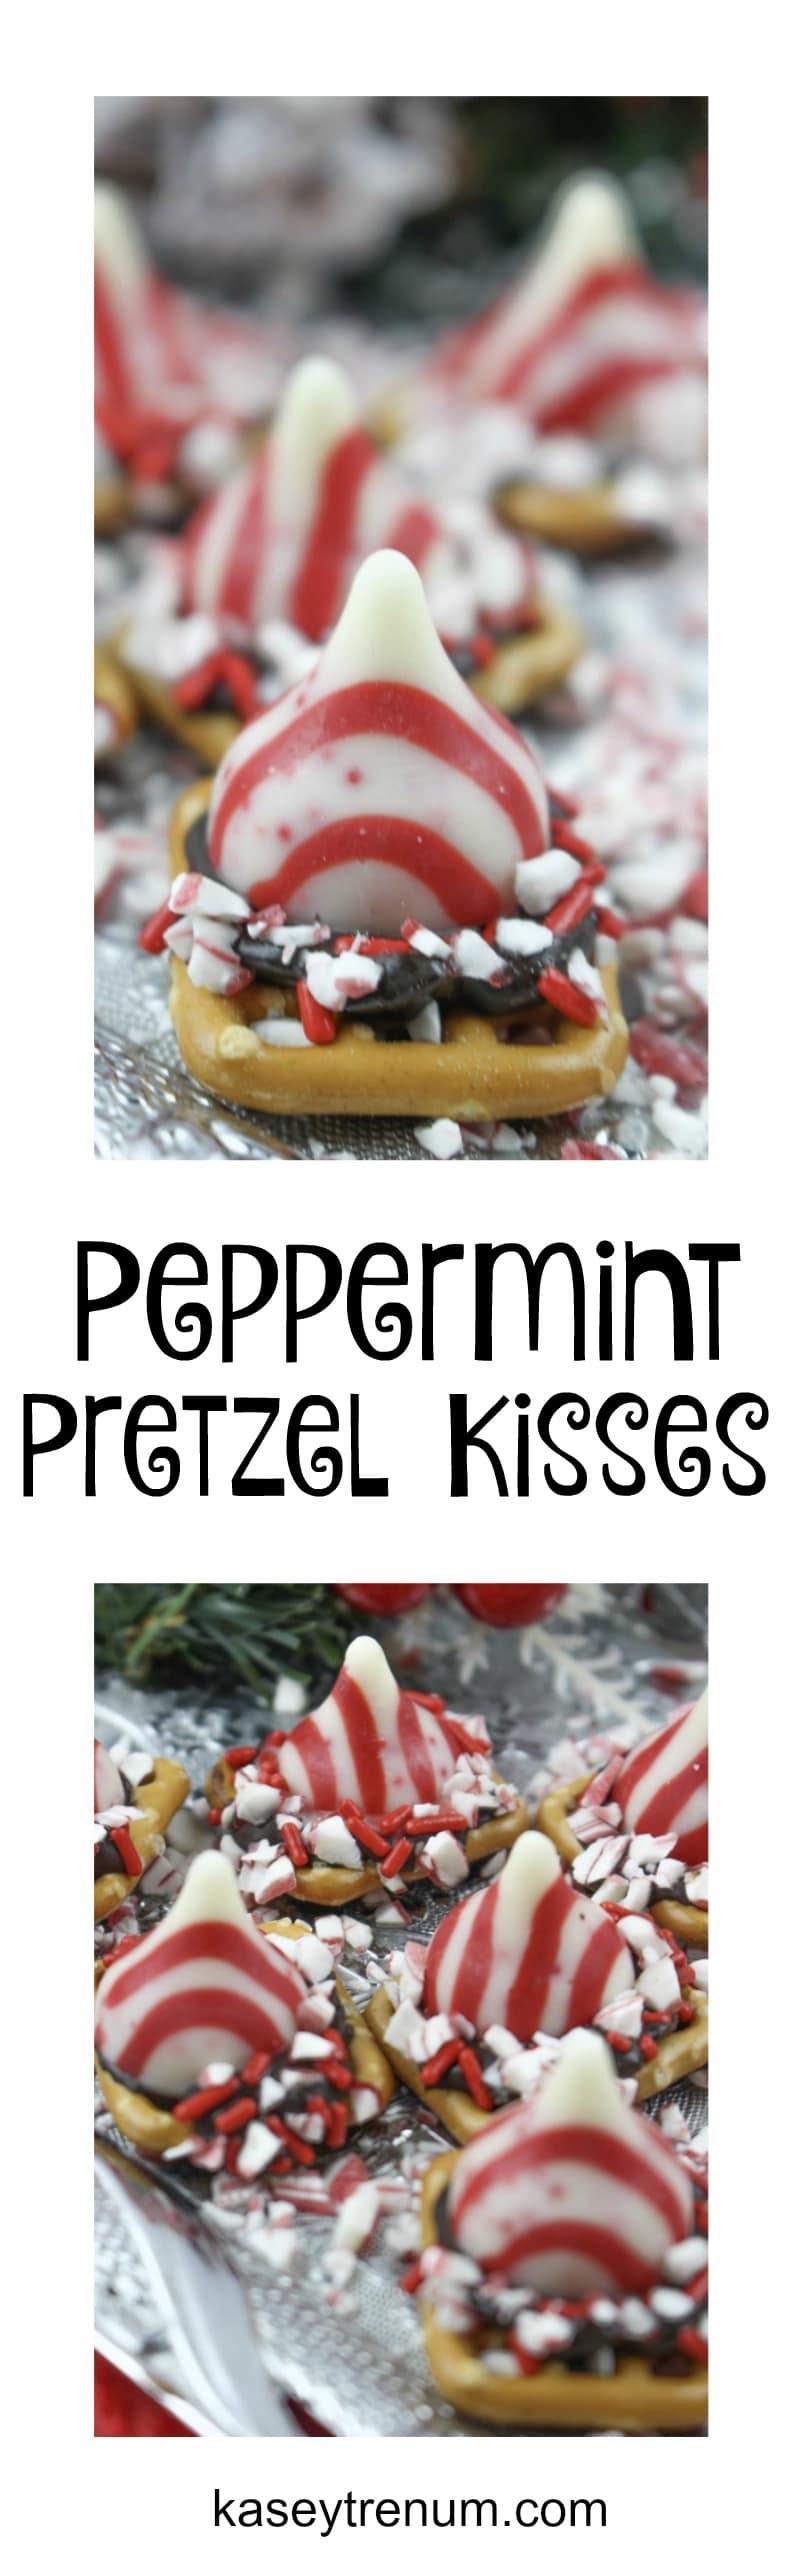 peppermint-pretzel-kisses-collage